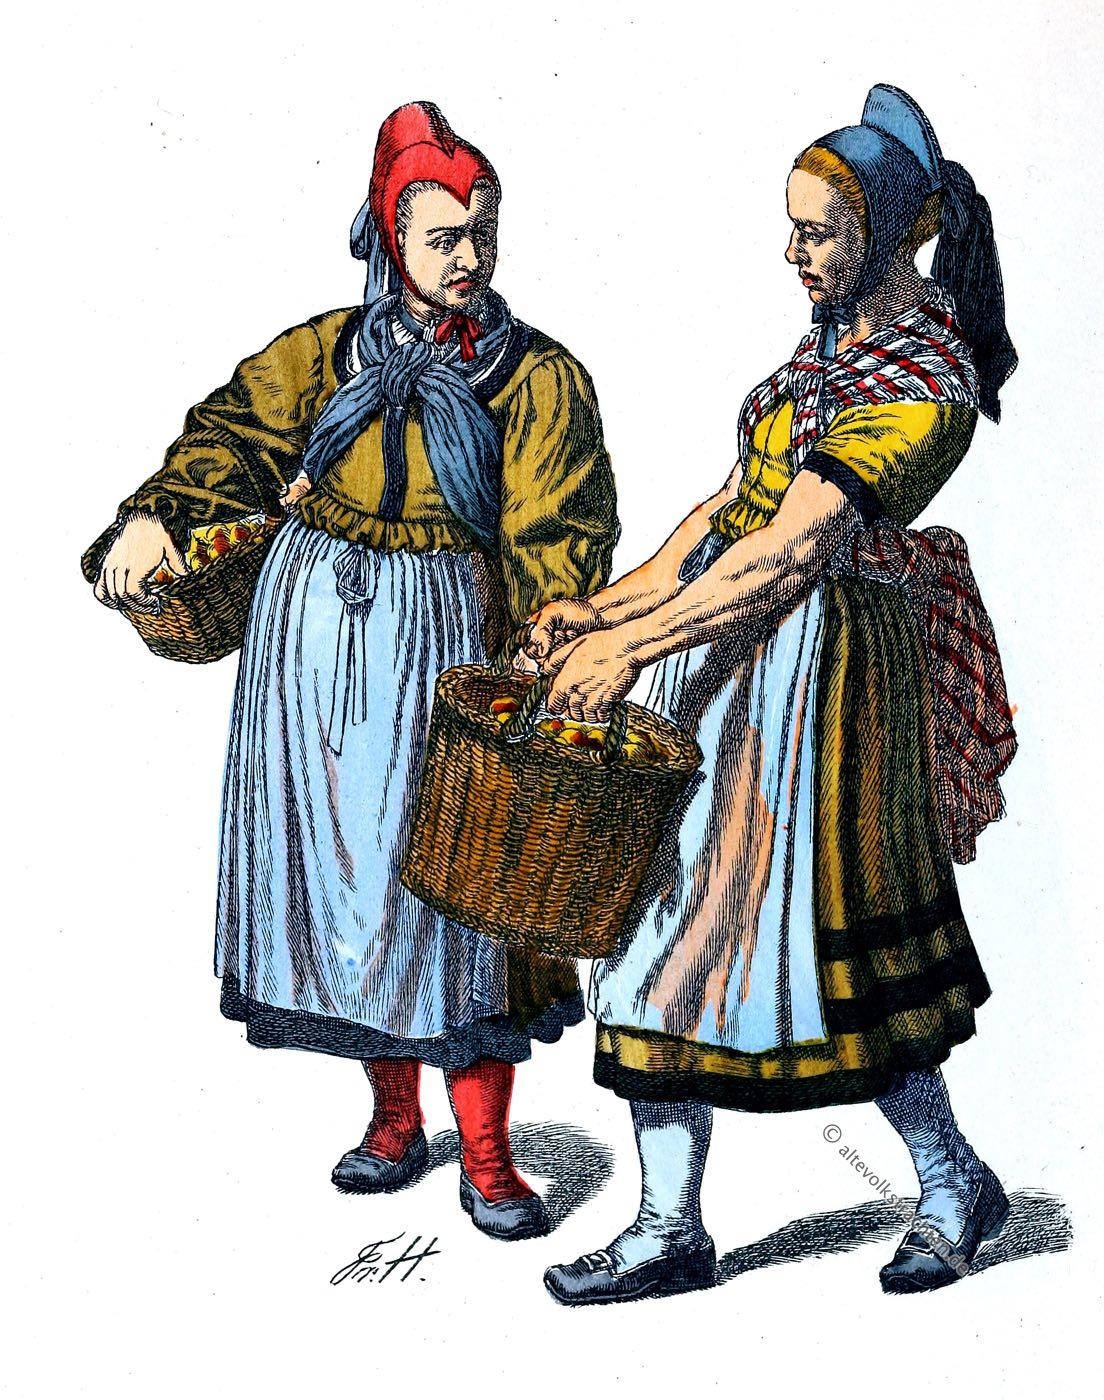 Helsa, Kassel, Bäuerinnen, Trachten, Kleidung, Friedrich Hottenroth